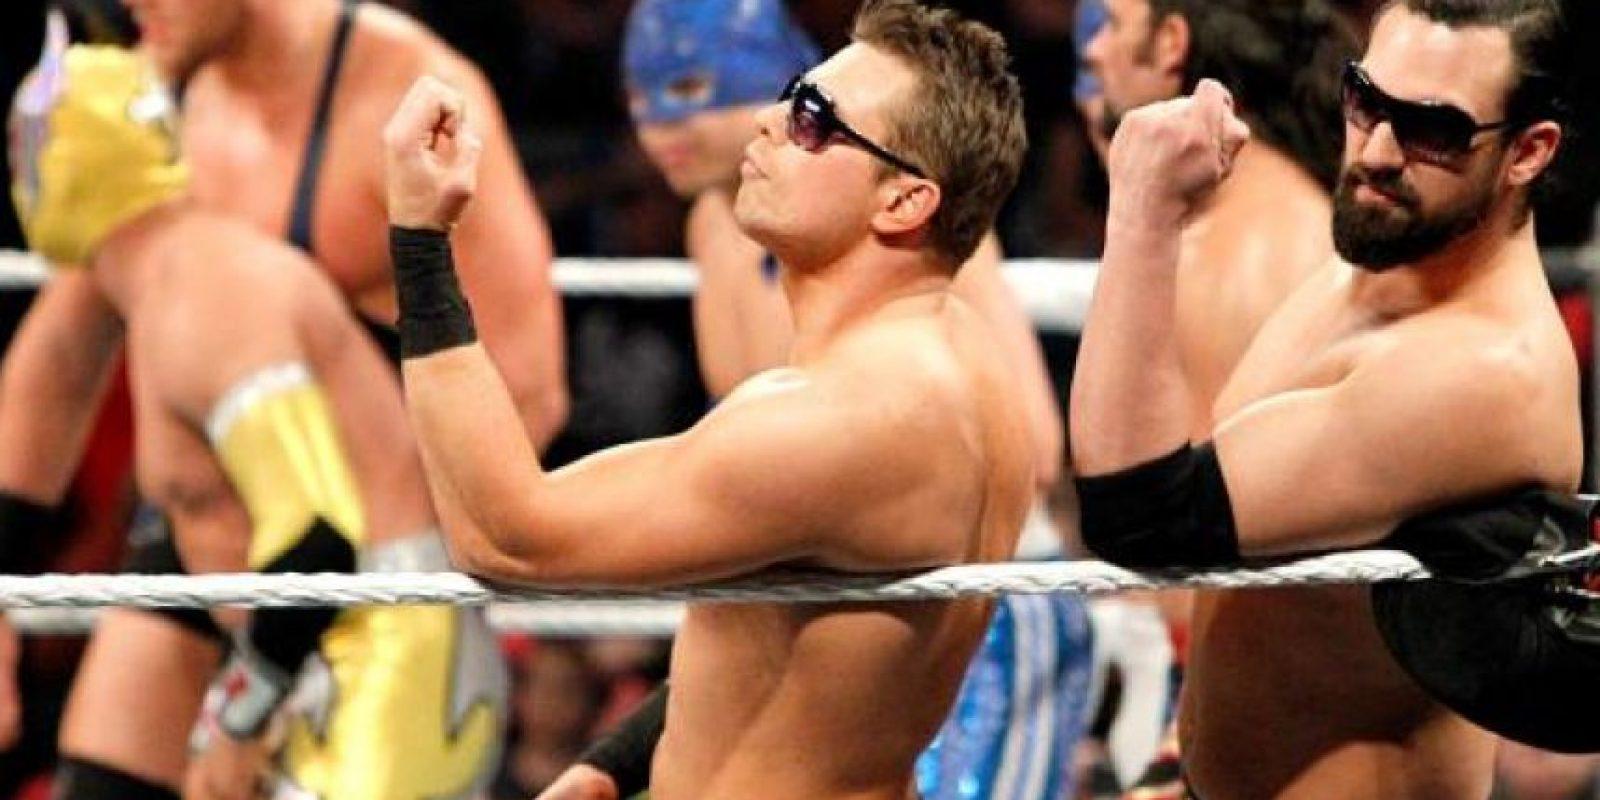 El hombre que se hace llamar Asombroso tiene 34 años Foto:WWE